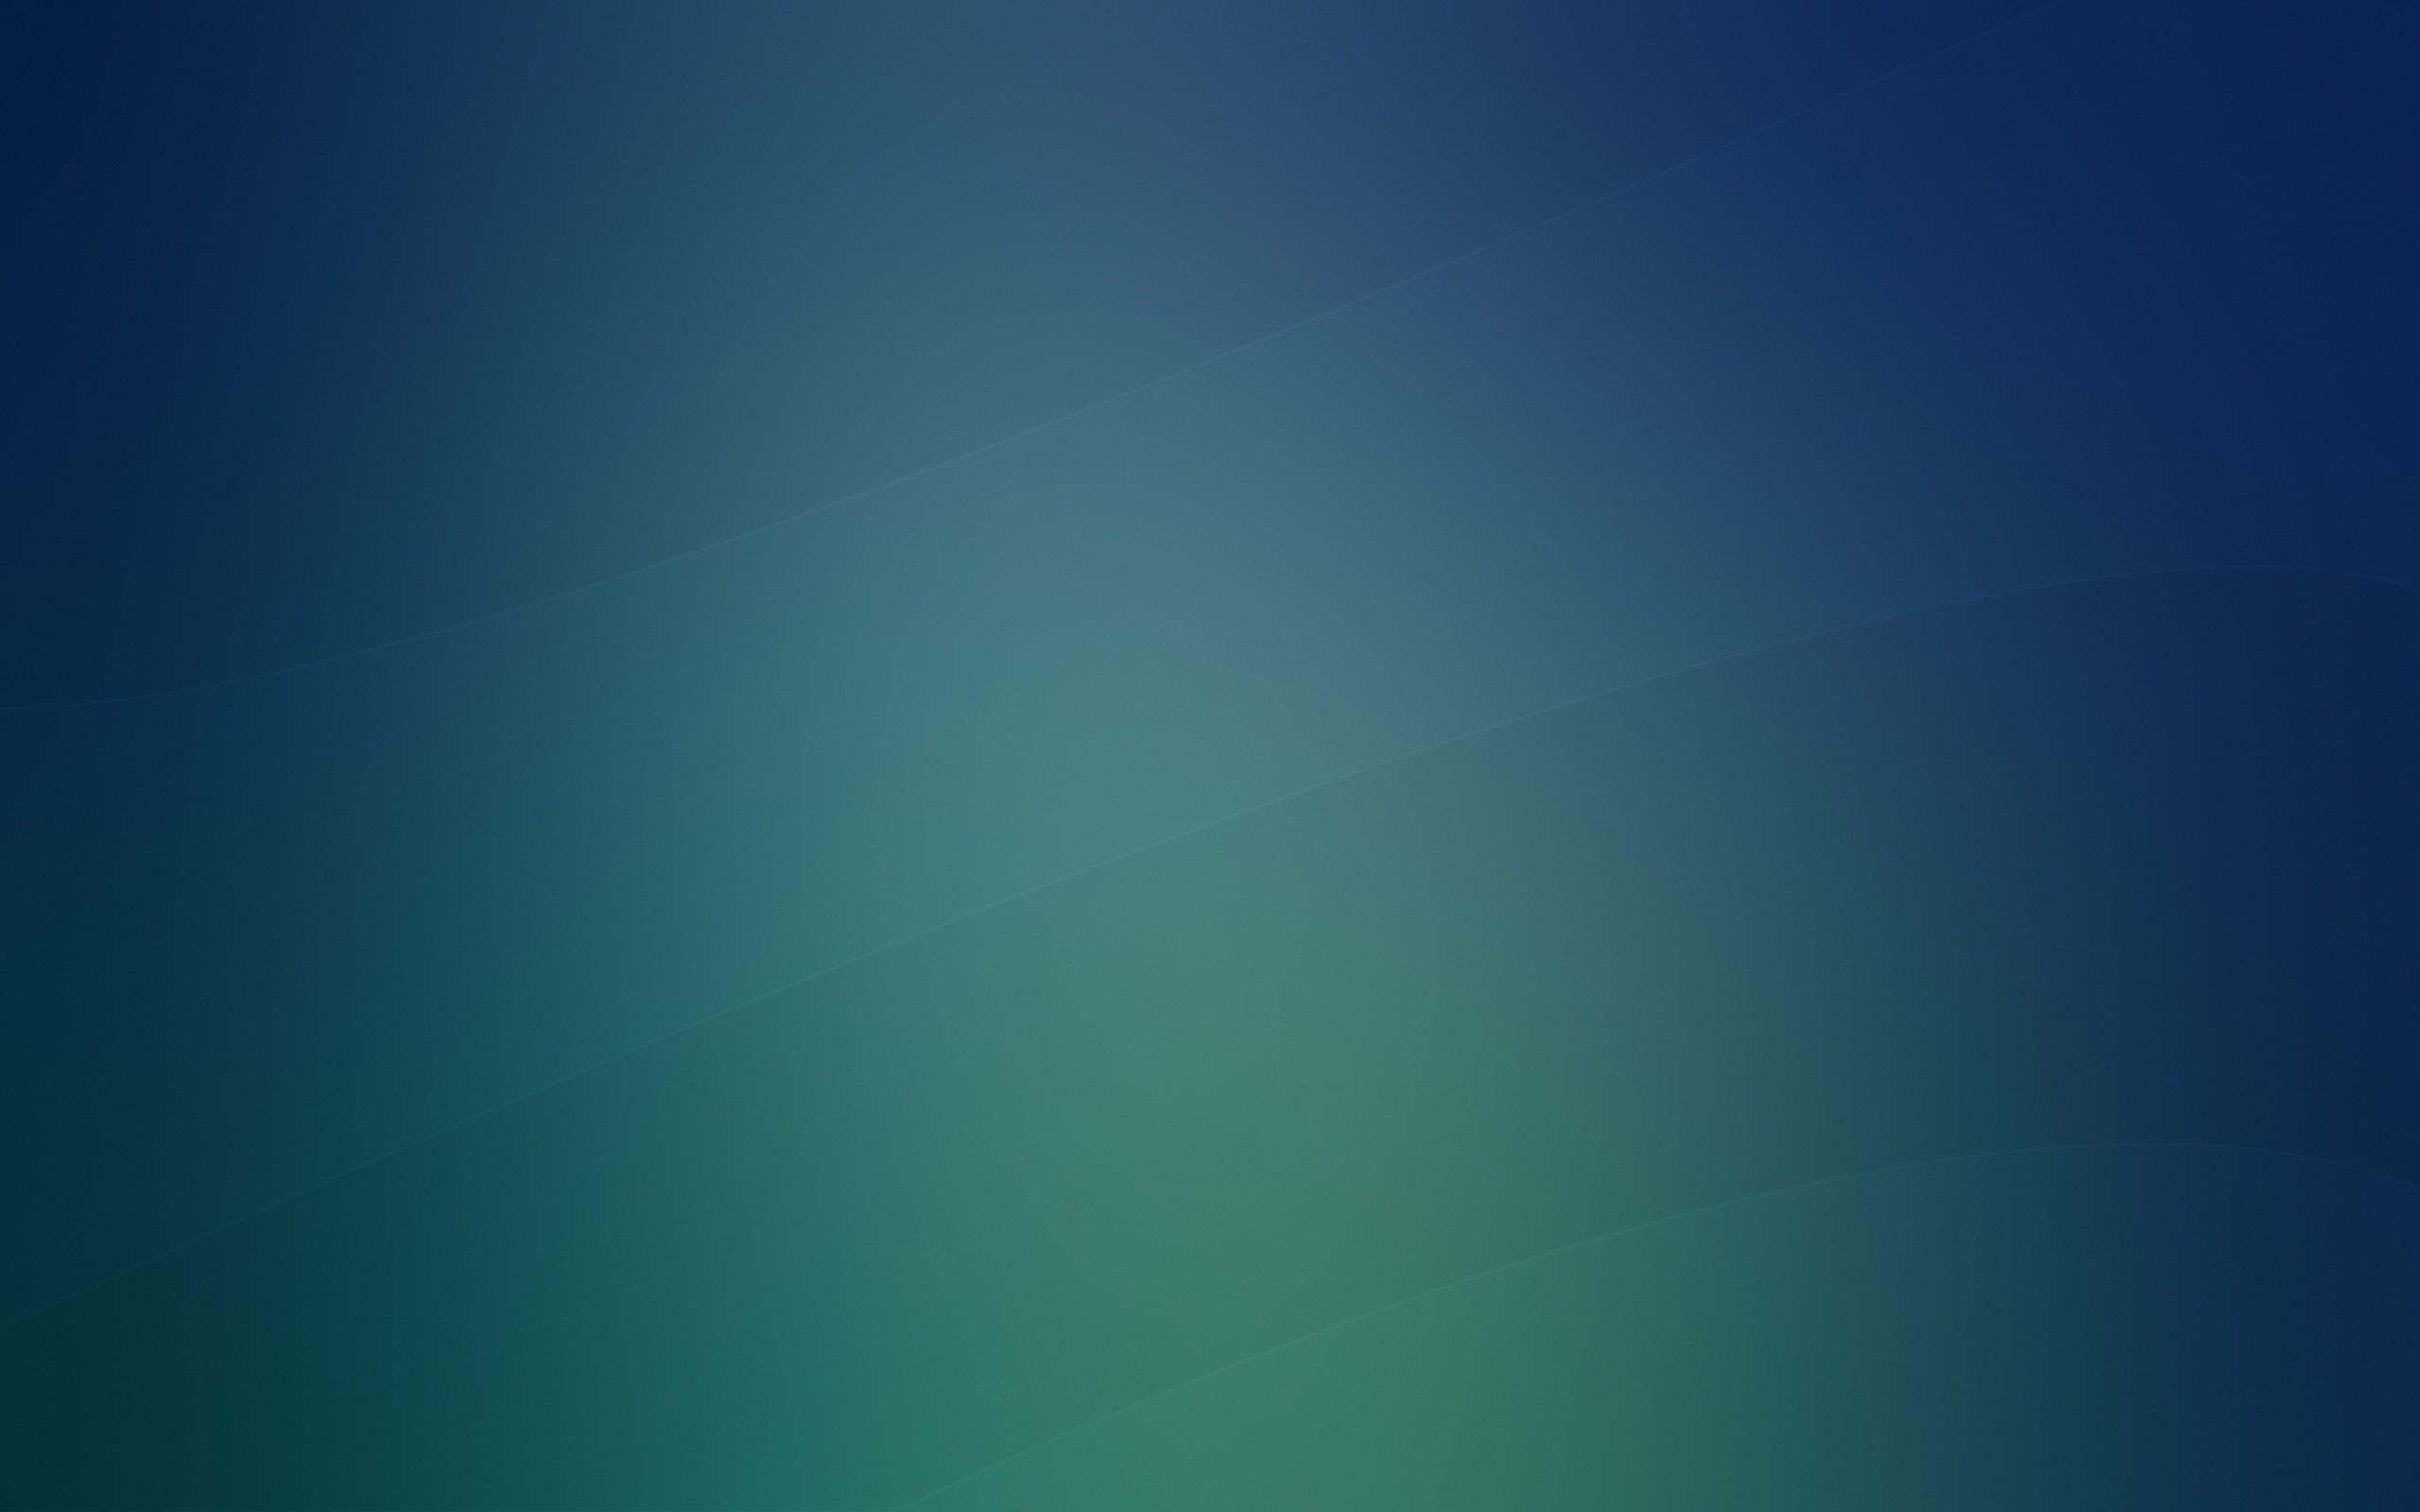 Wallpaper Texture, Blue, Yellow